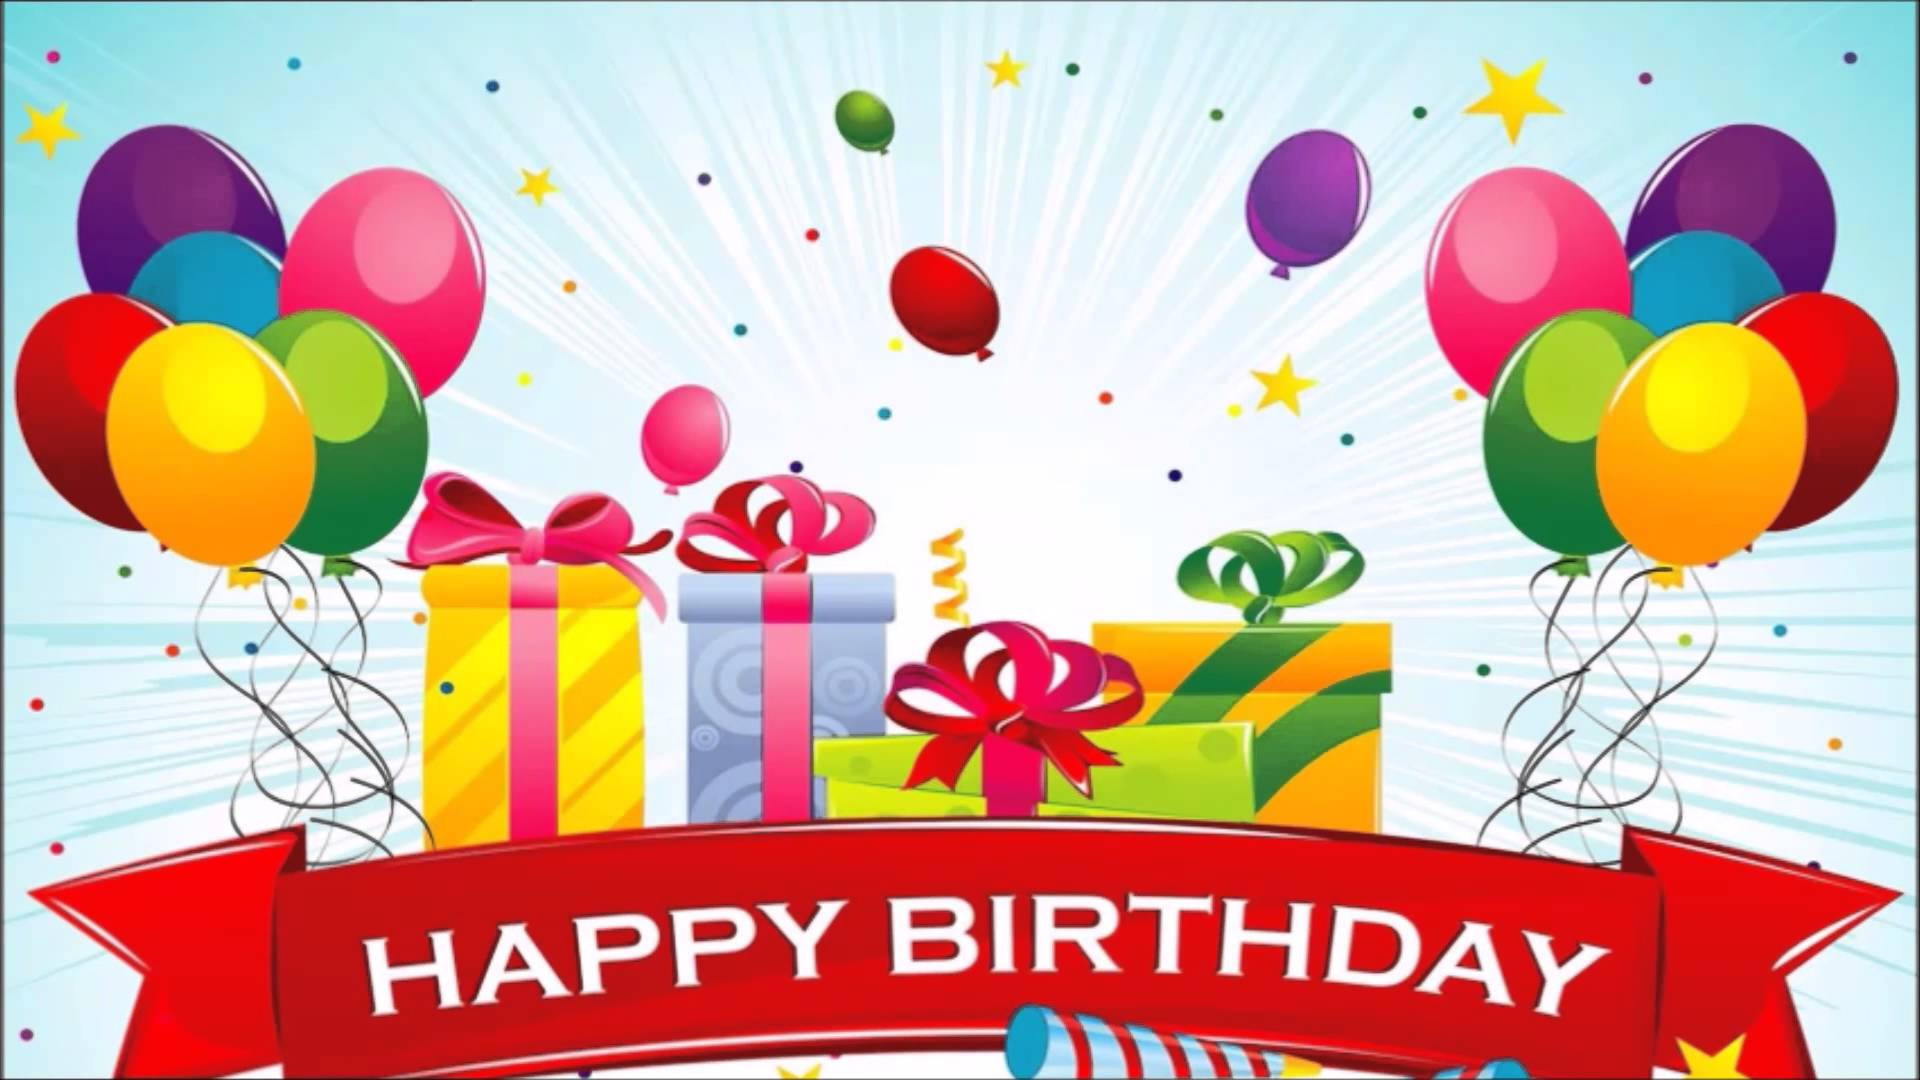 97 Imágenes de Feliz Cumpleaños con Frases y Mensajes de ...